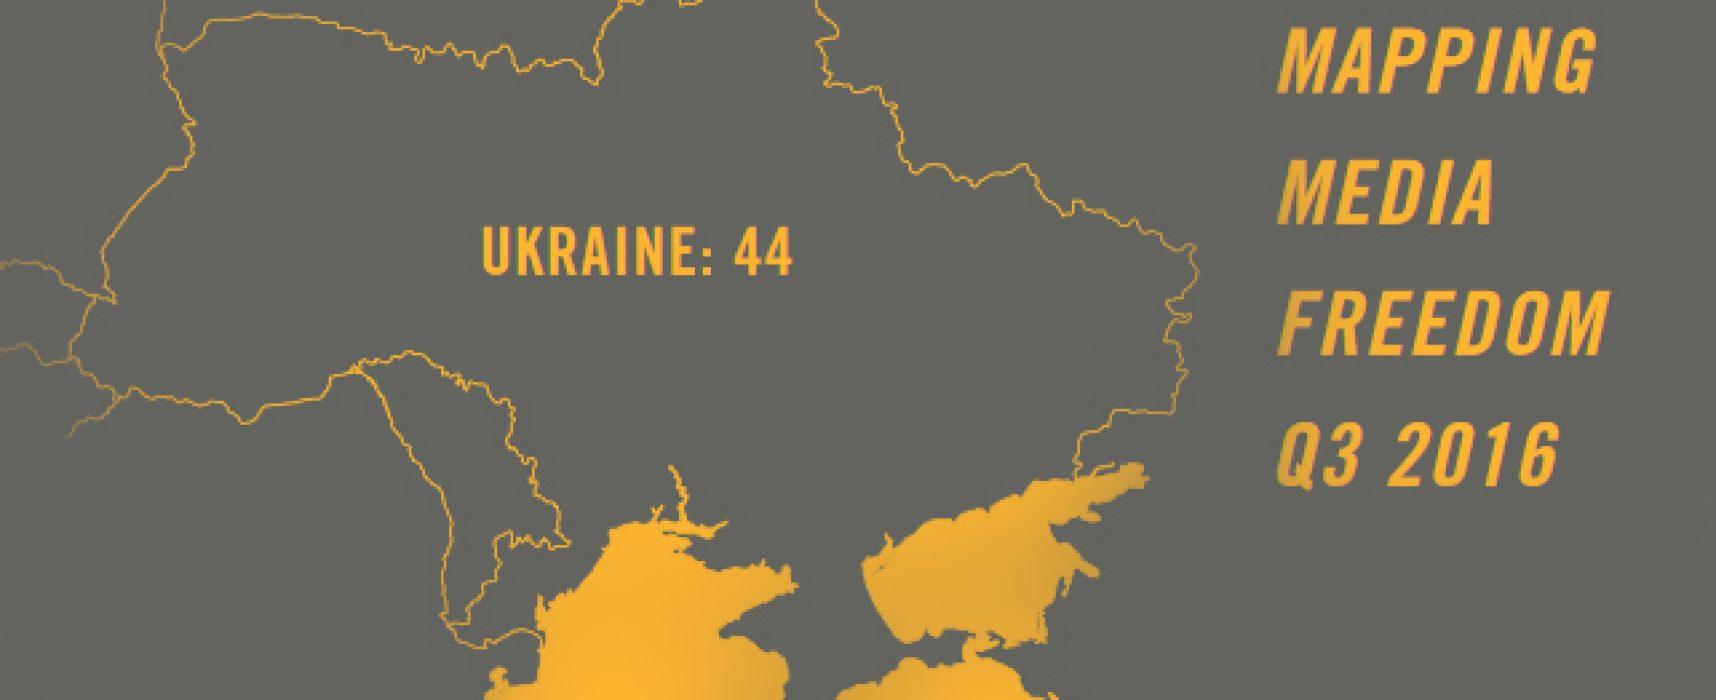 Mapping Media Freedom: как да отчитаме правилно агресията срещу журналистите